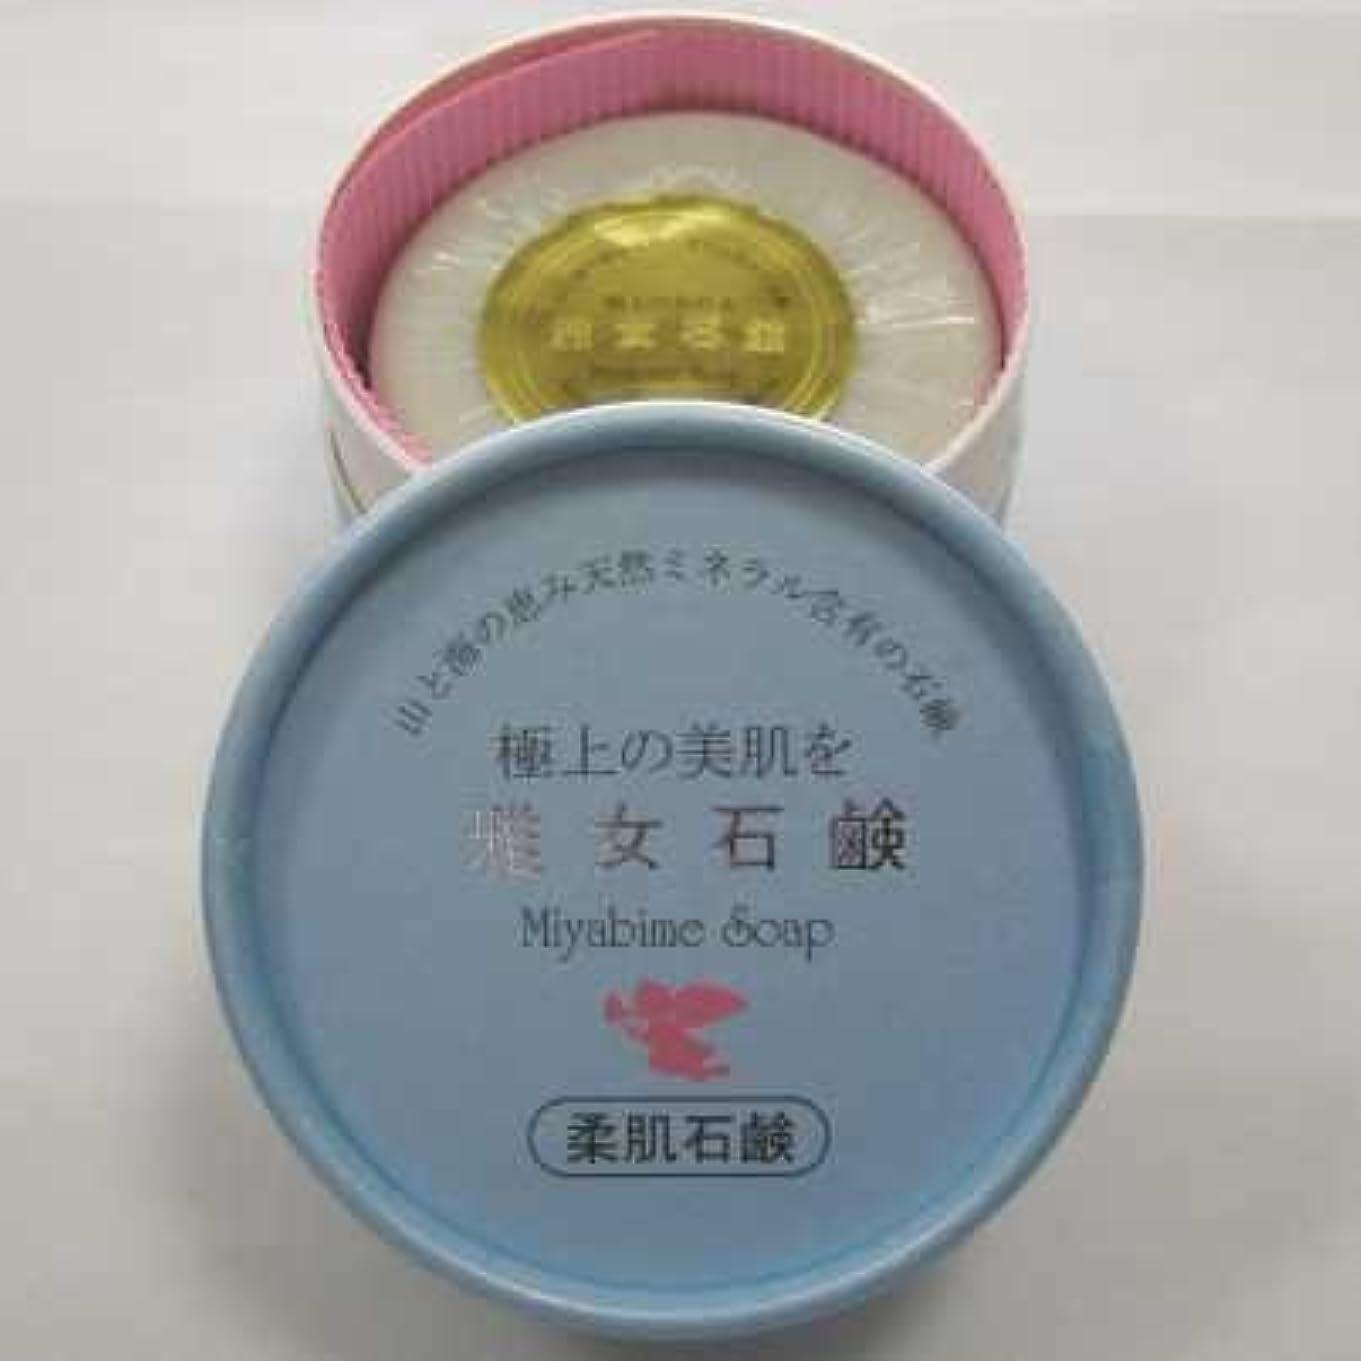 シャンパン異議準備ができて雅女石鹸(Miyabime Soap)